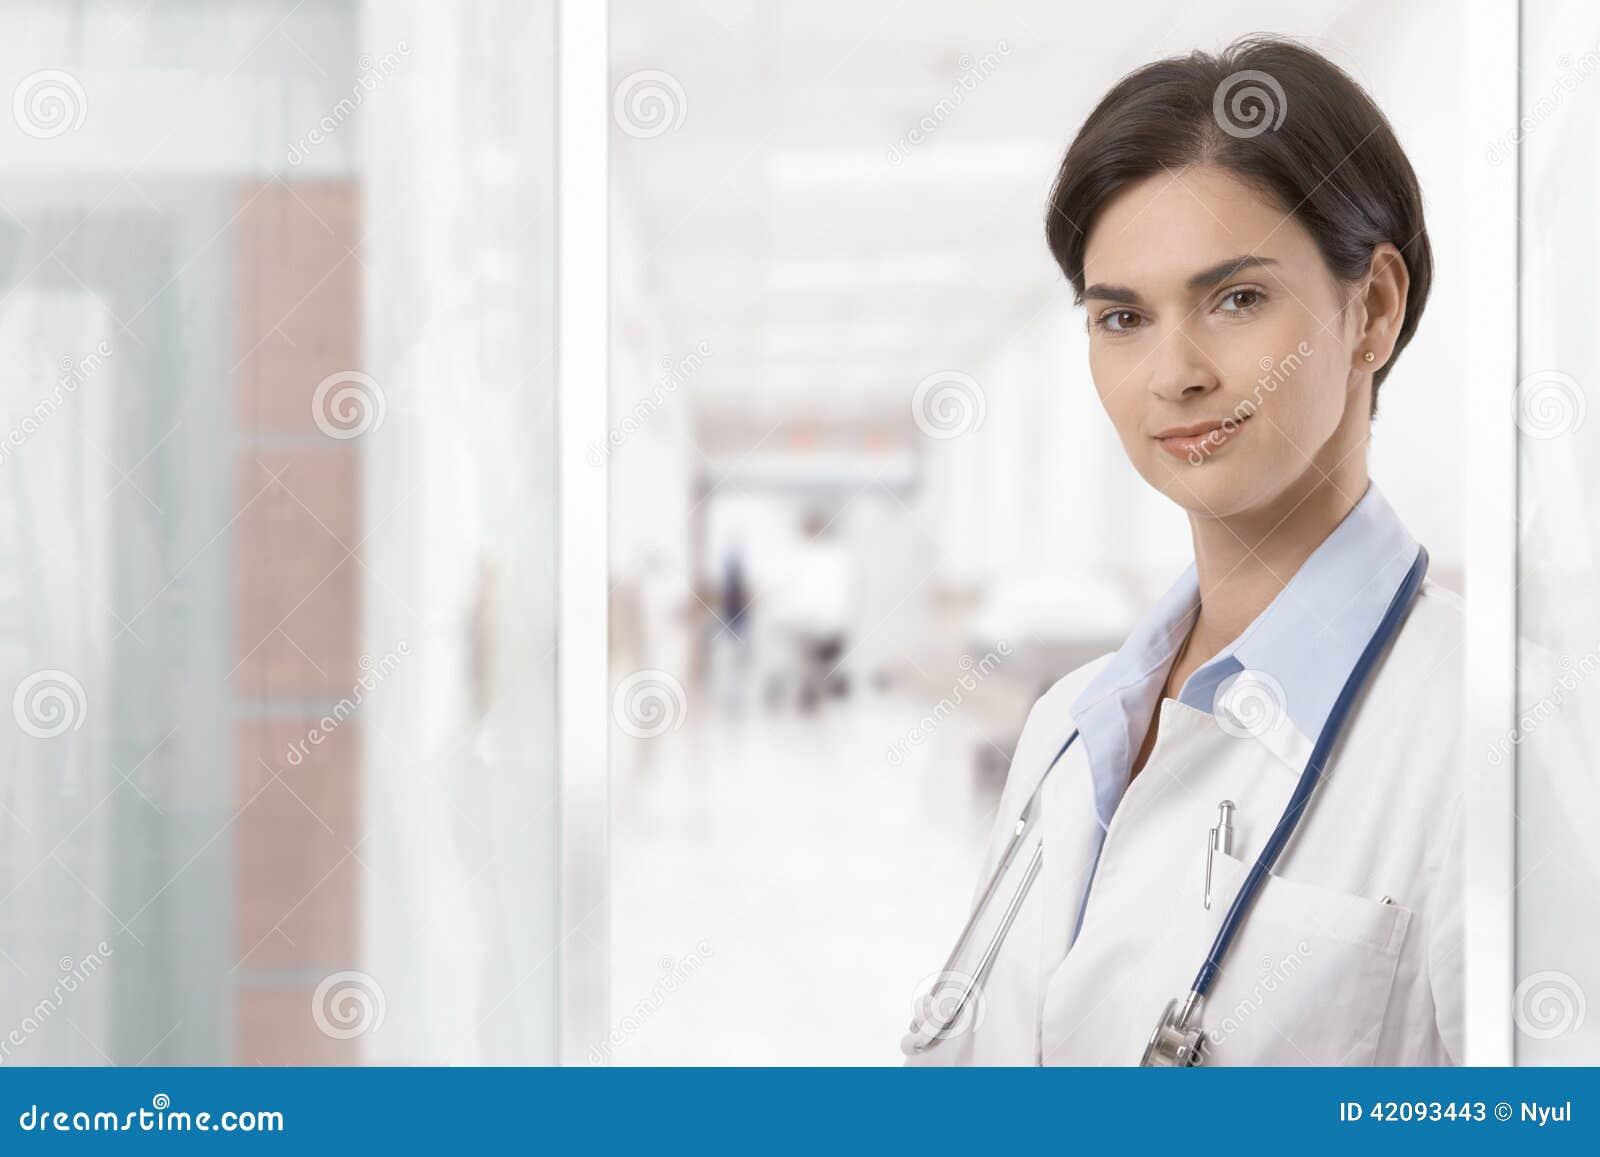 Portrait des jungen weiblichen Doktors